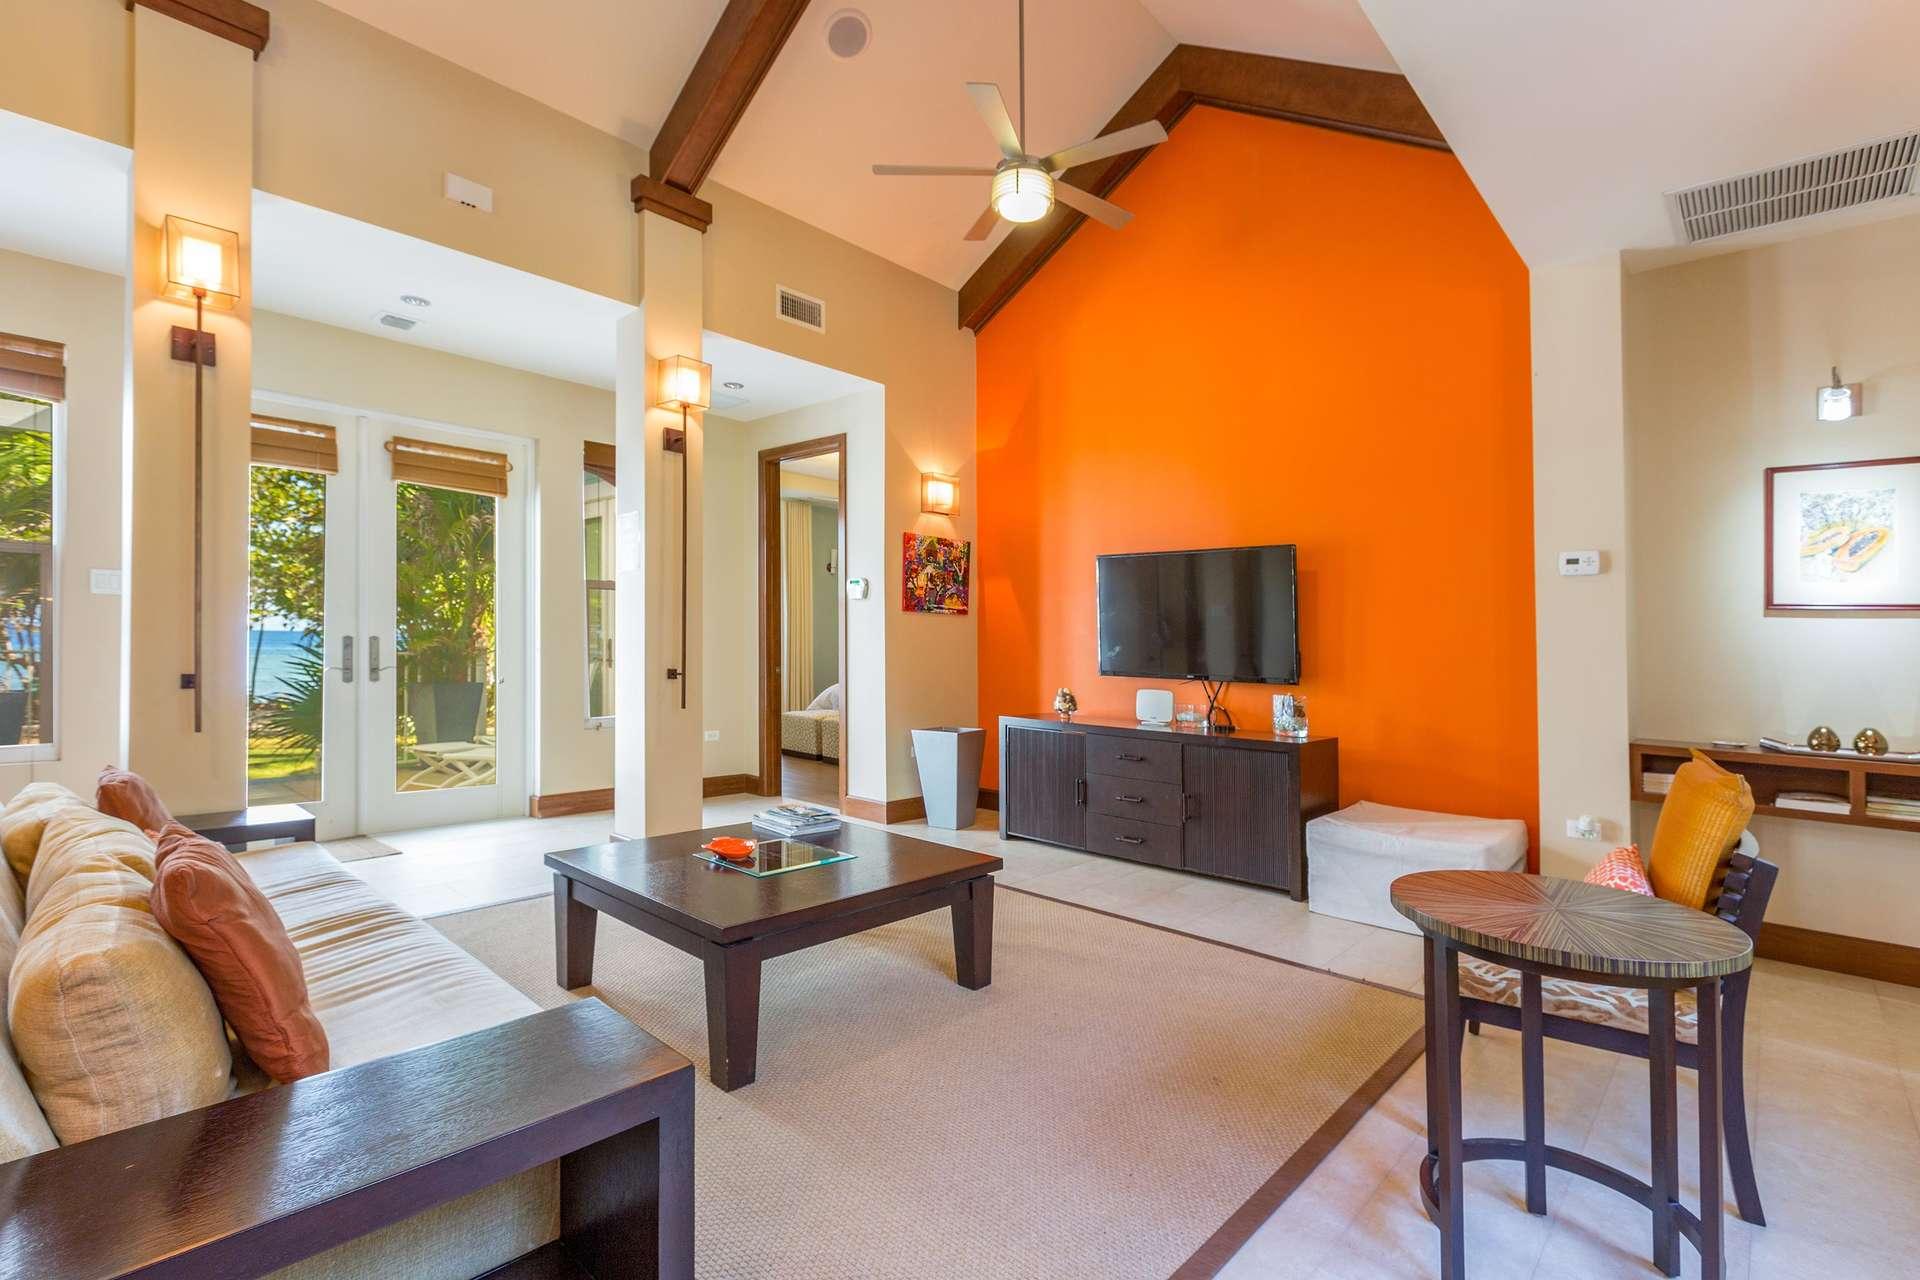 - Papaya Cottage - Image 1/29